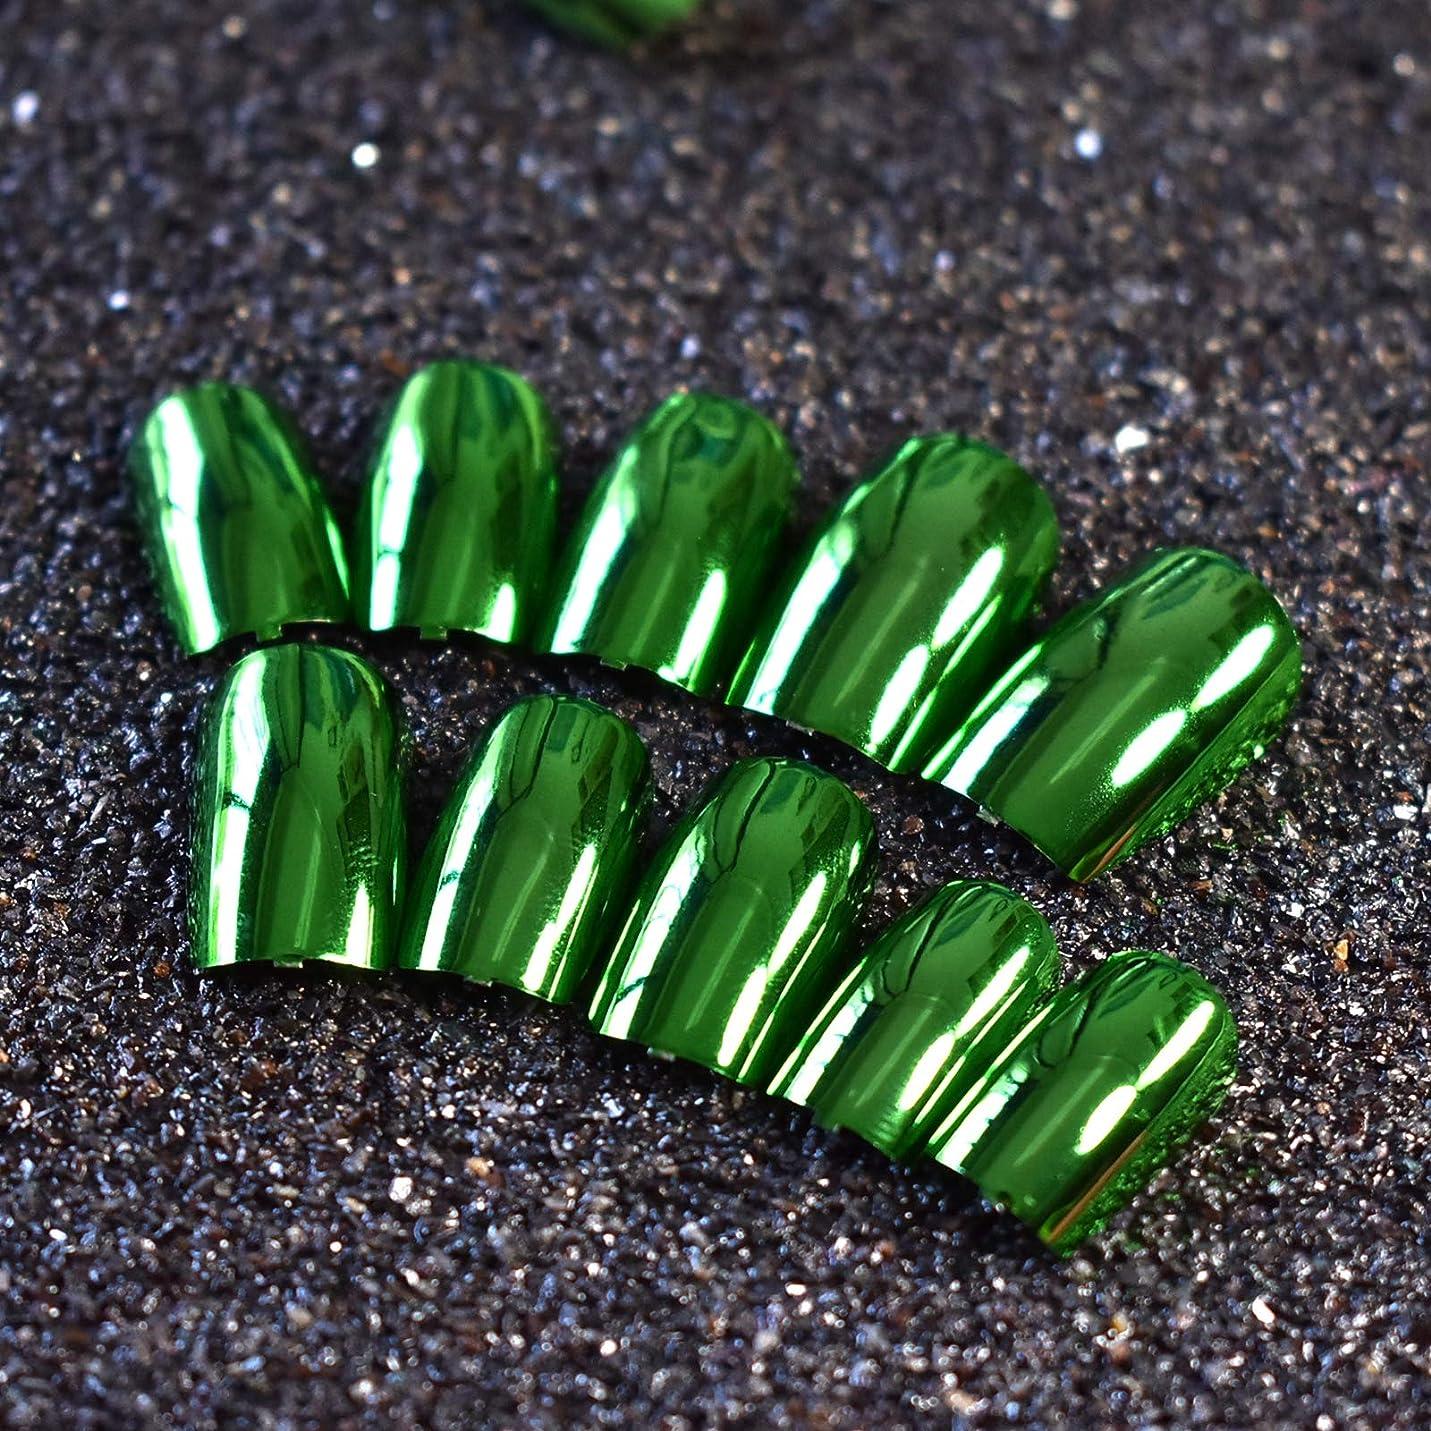 音楽選ぶのりXUTXZKA 24ピースメタリックグリーン偽ネイルフルカバーフェイクネイル人工装飾用のヒントマニキュアツール